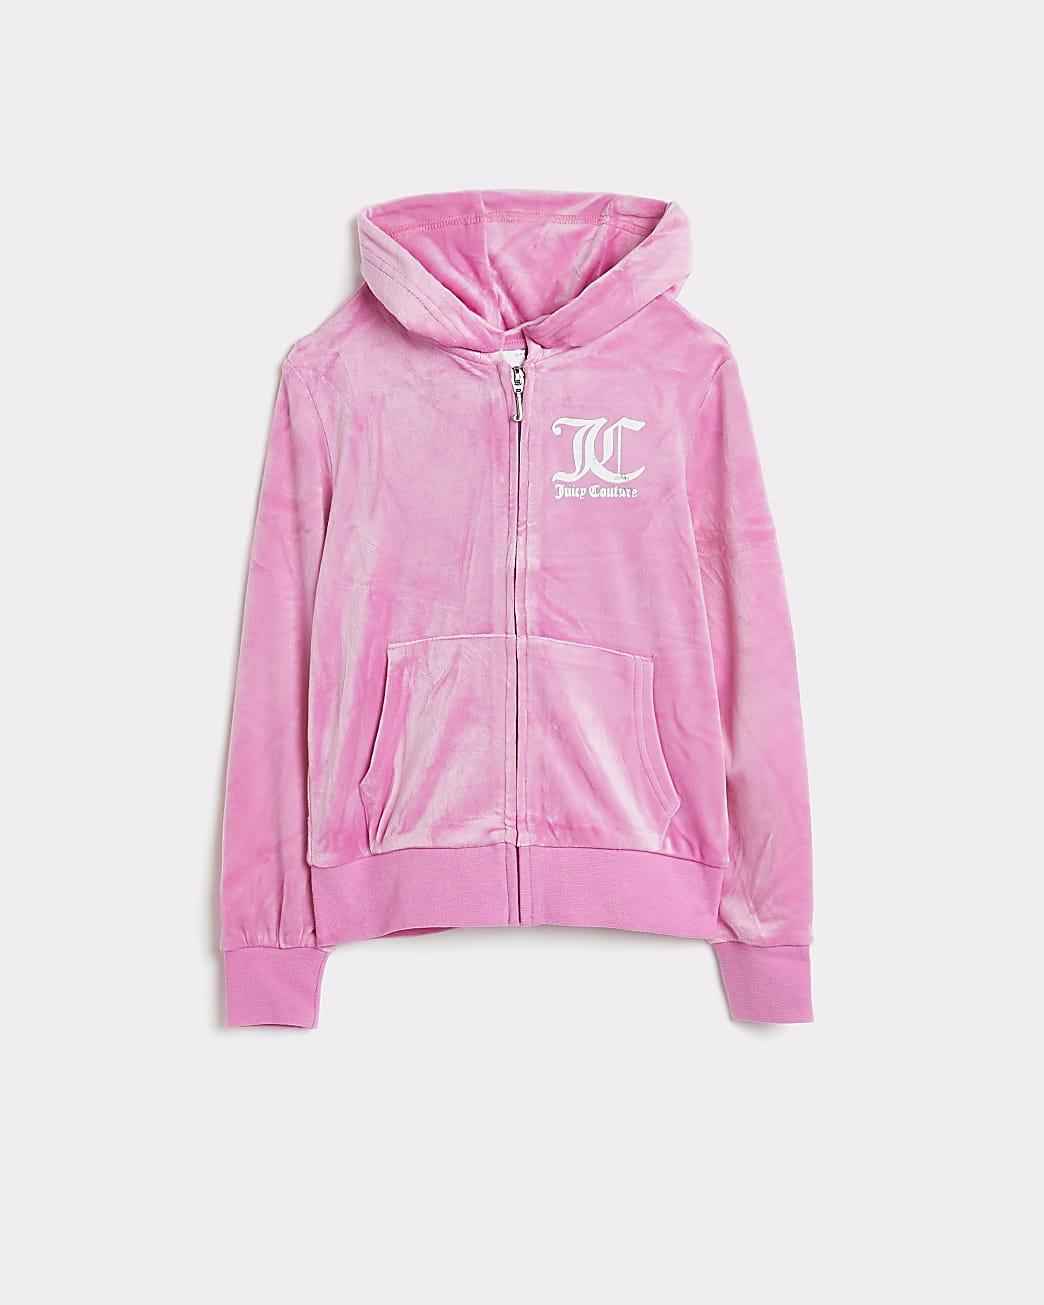 Girls pink Juicy Couture hoodie